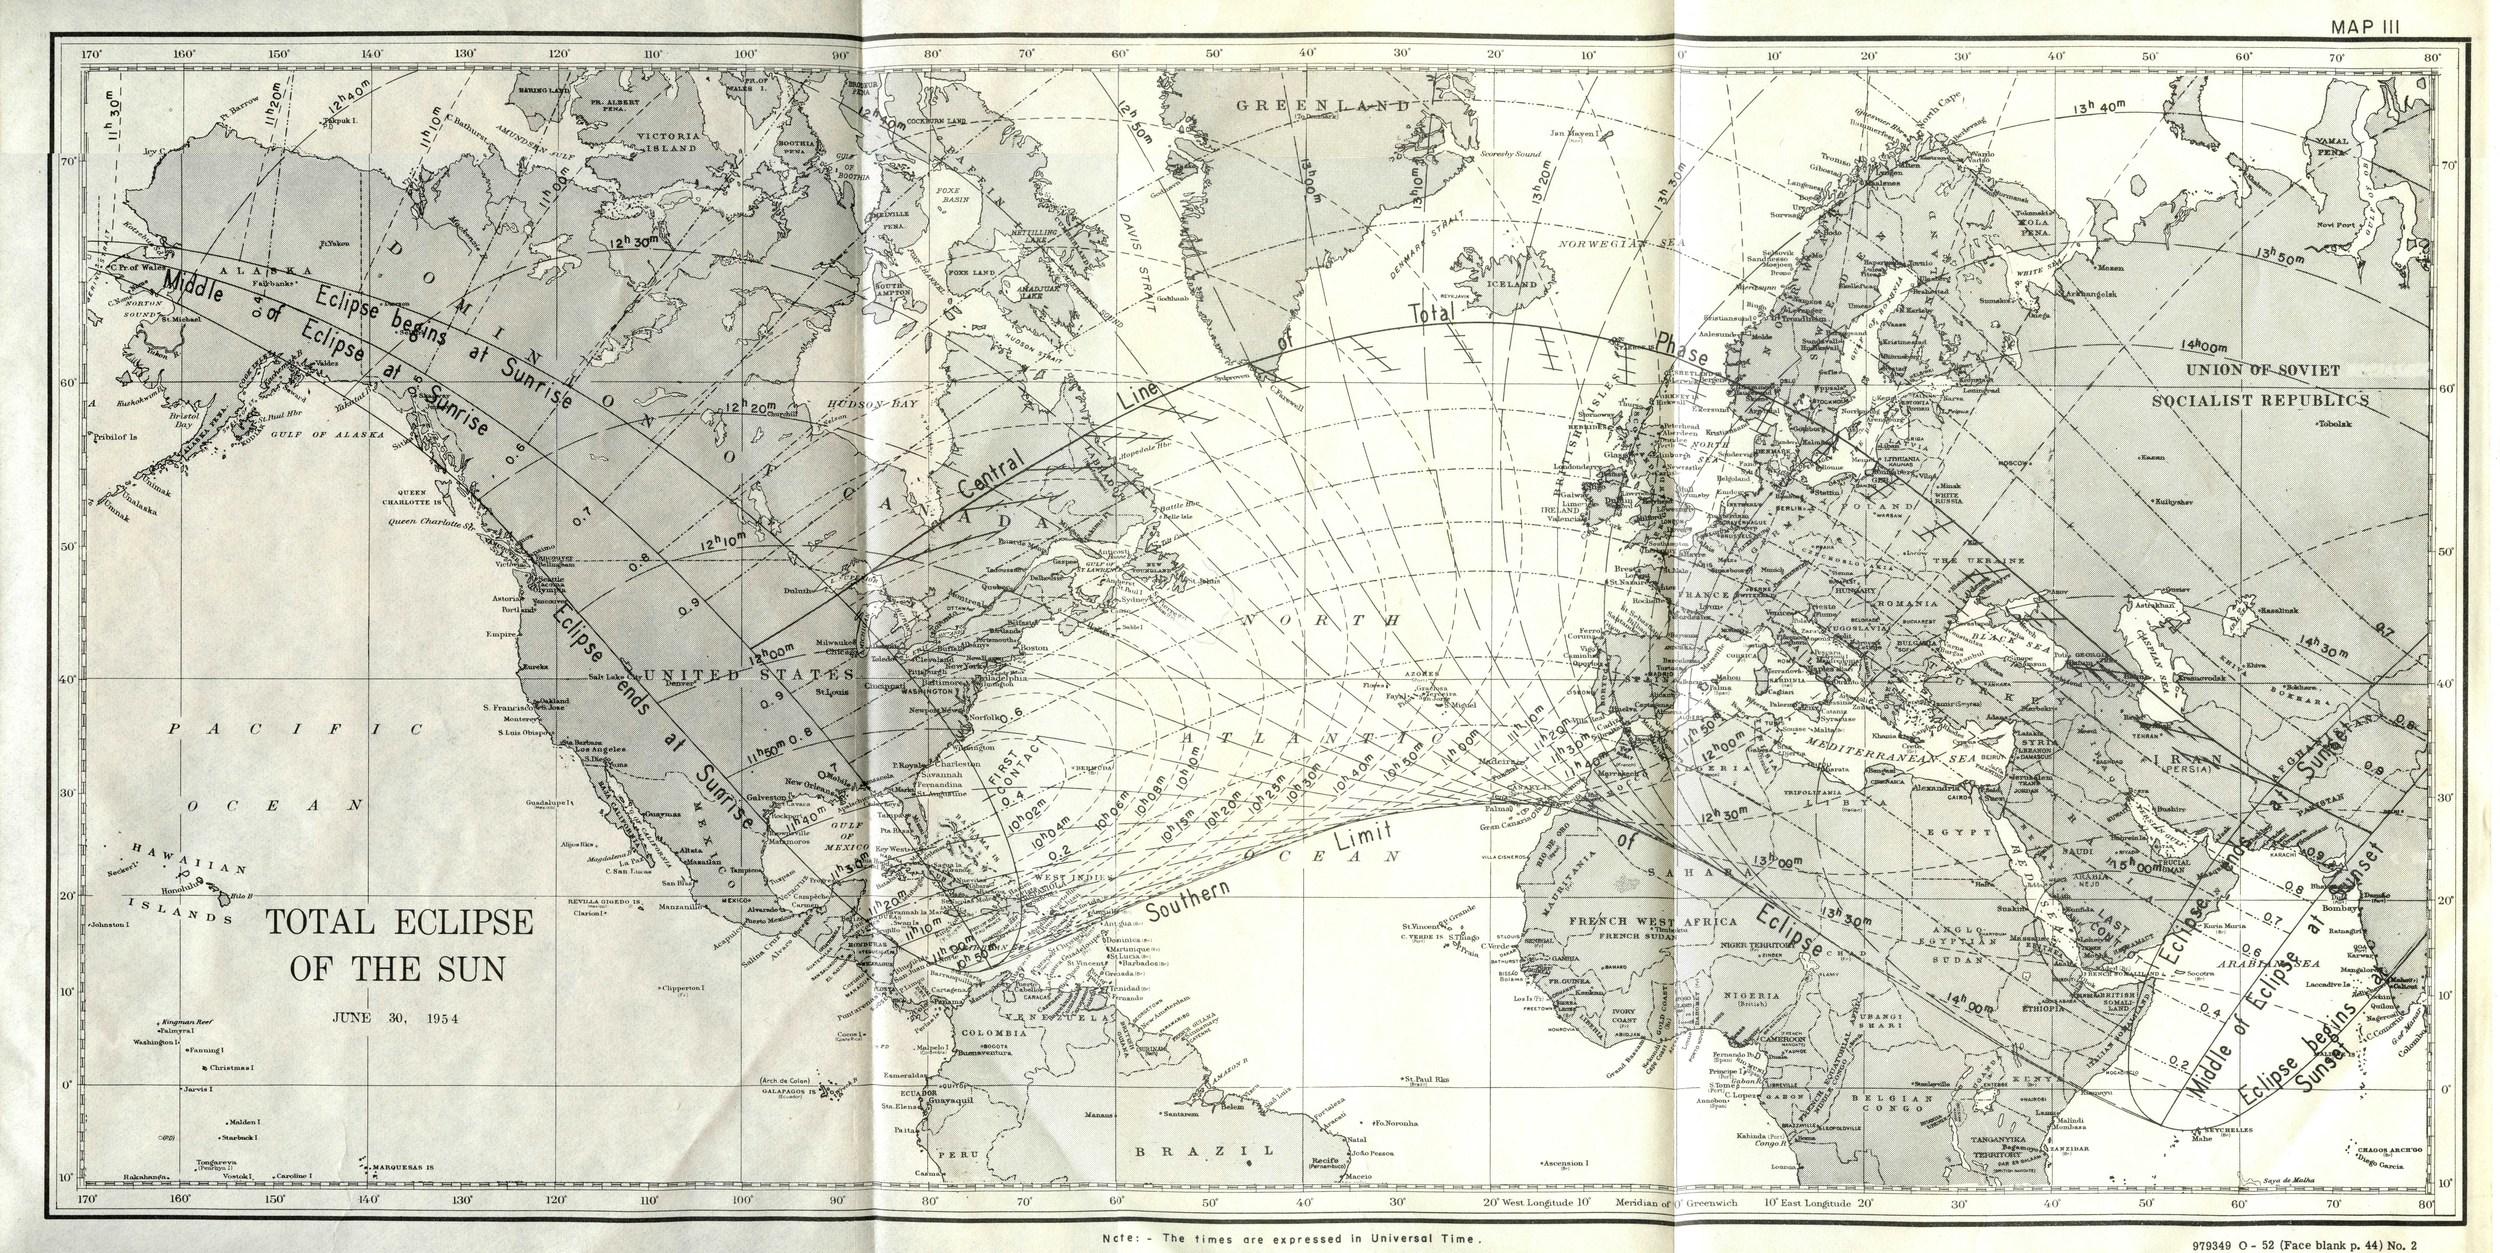 1954_June_30_TSE_USNO_Eclipse_Supplement_Map3.jpg